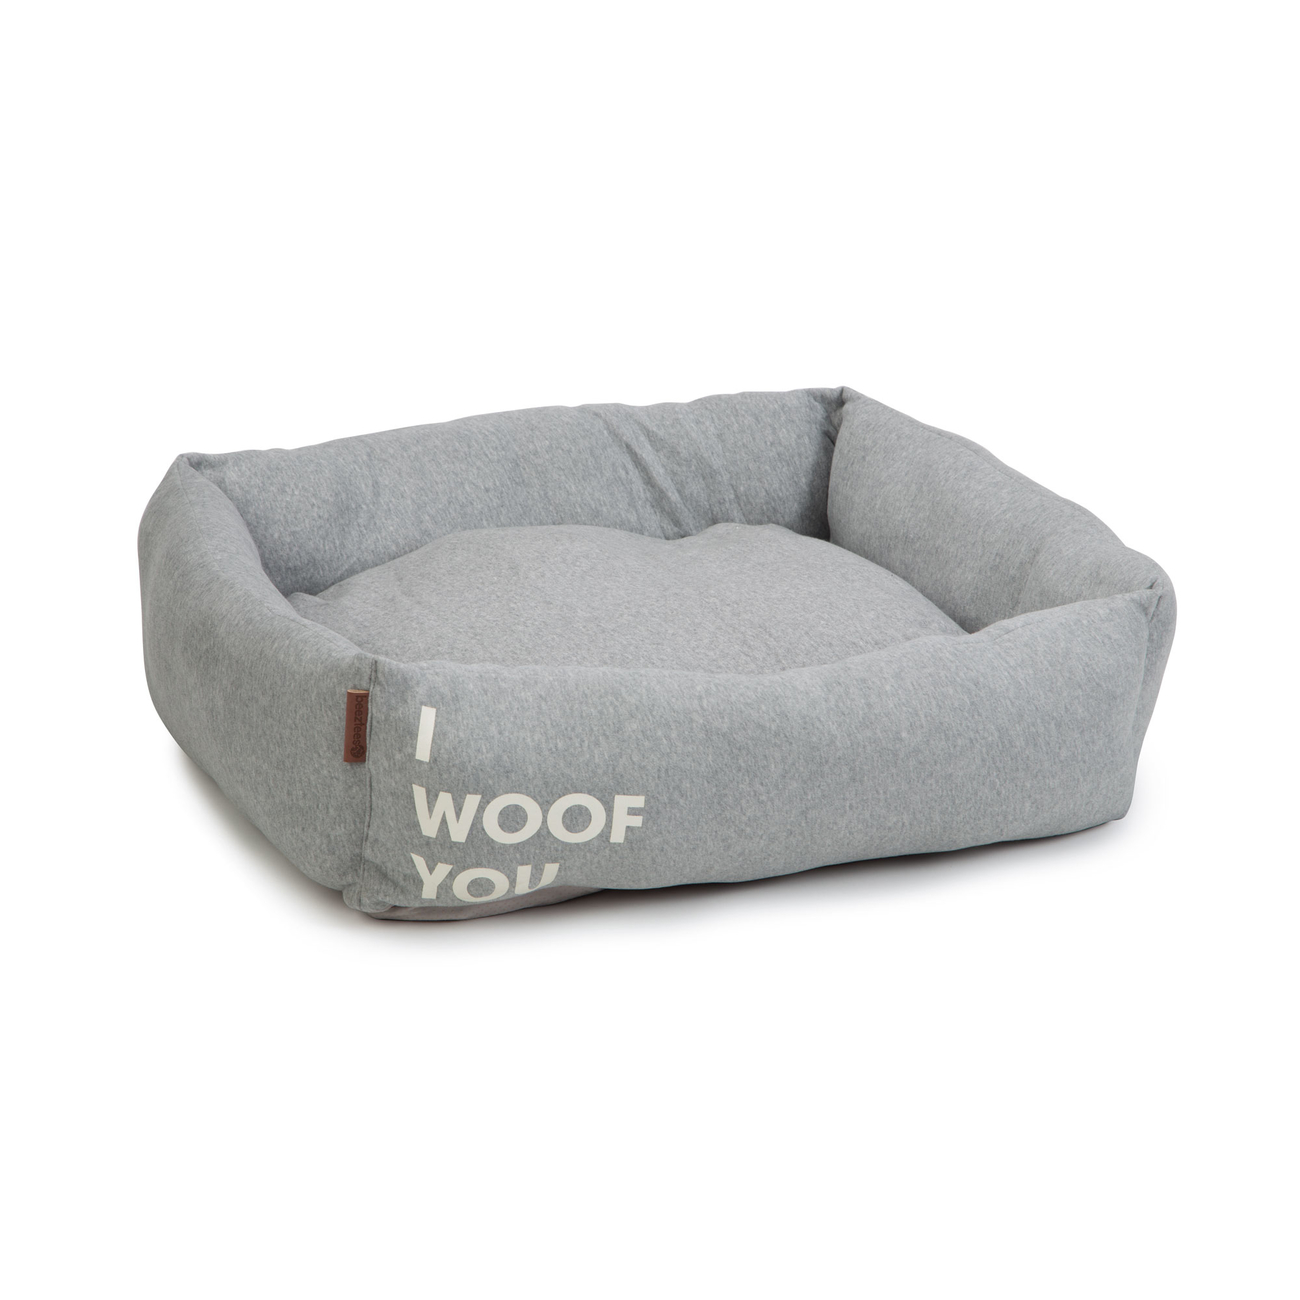 Beeztees Hundebett Woof You, 80 x 70 x 22 cm, grau